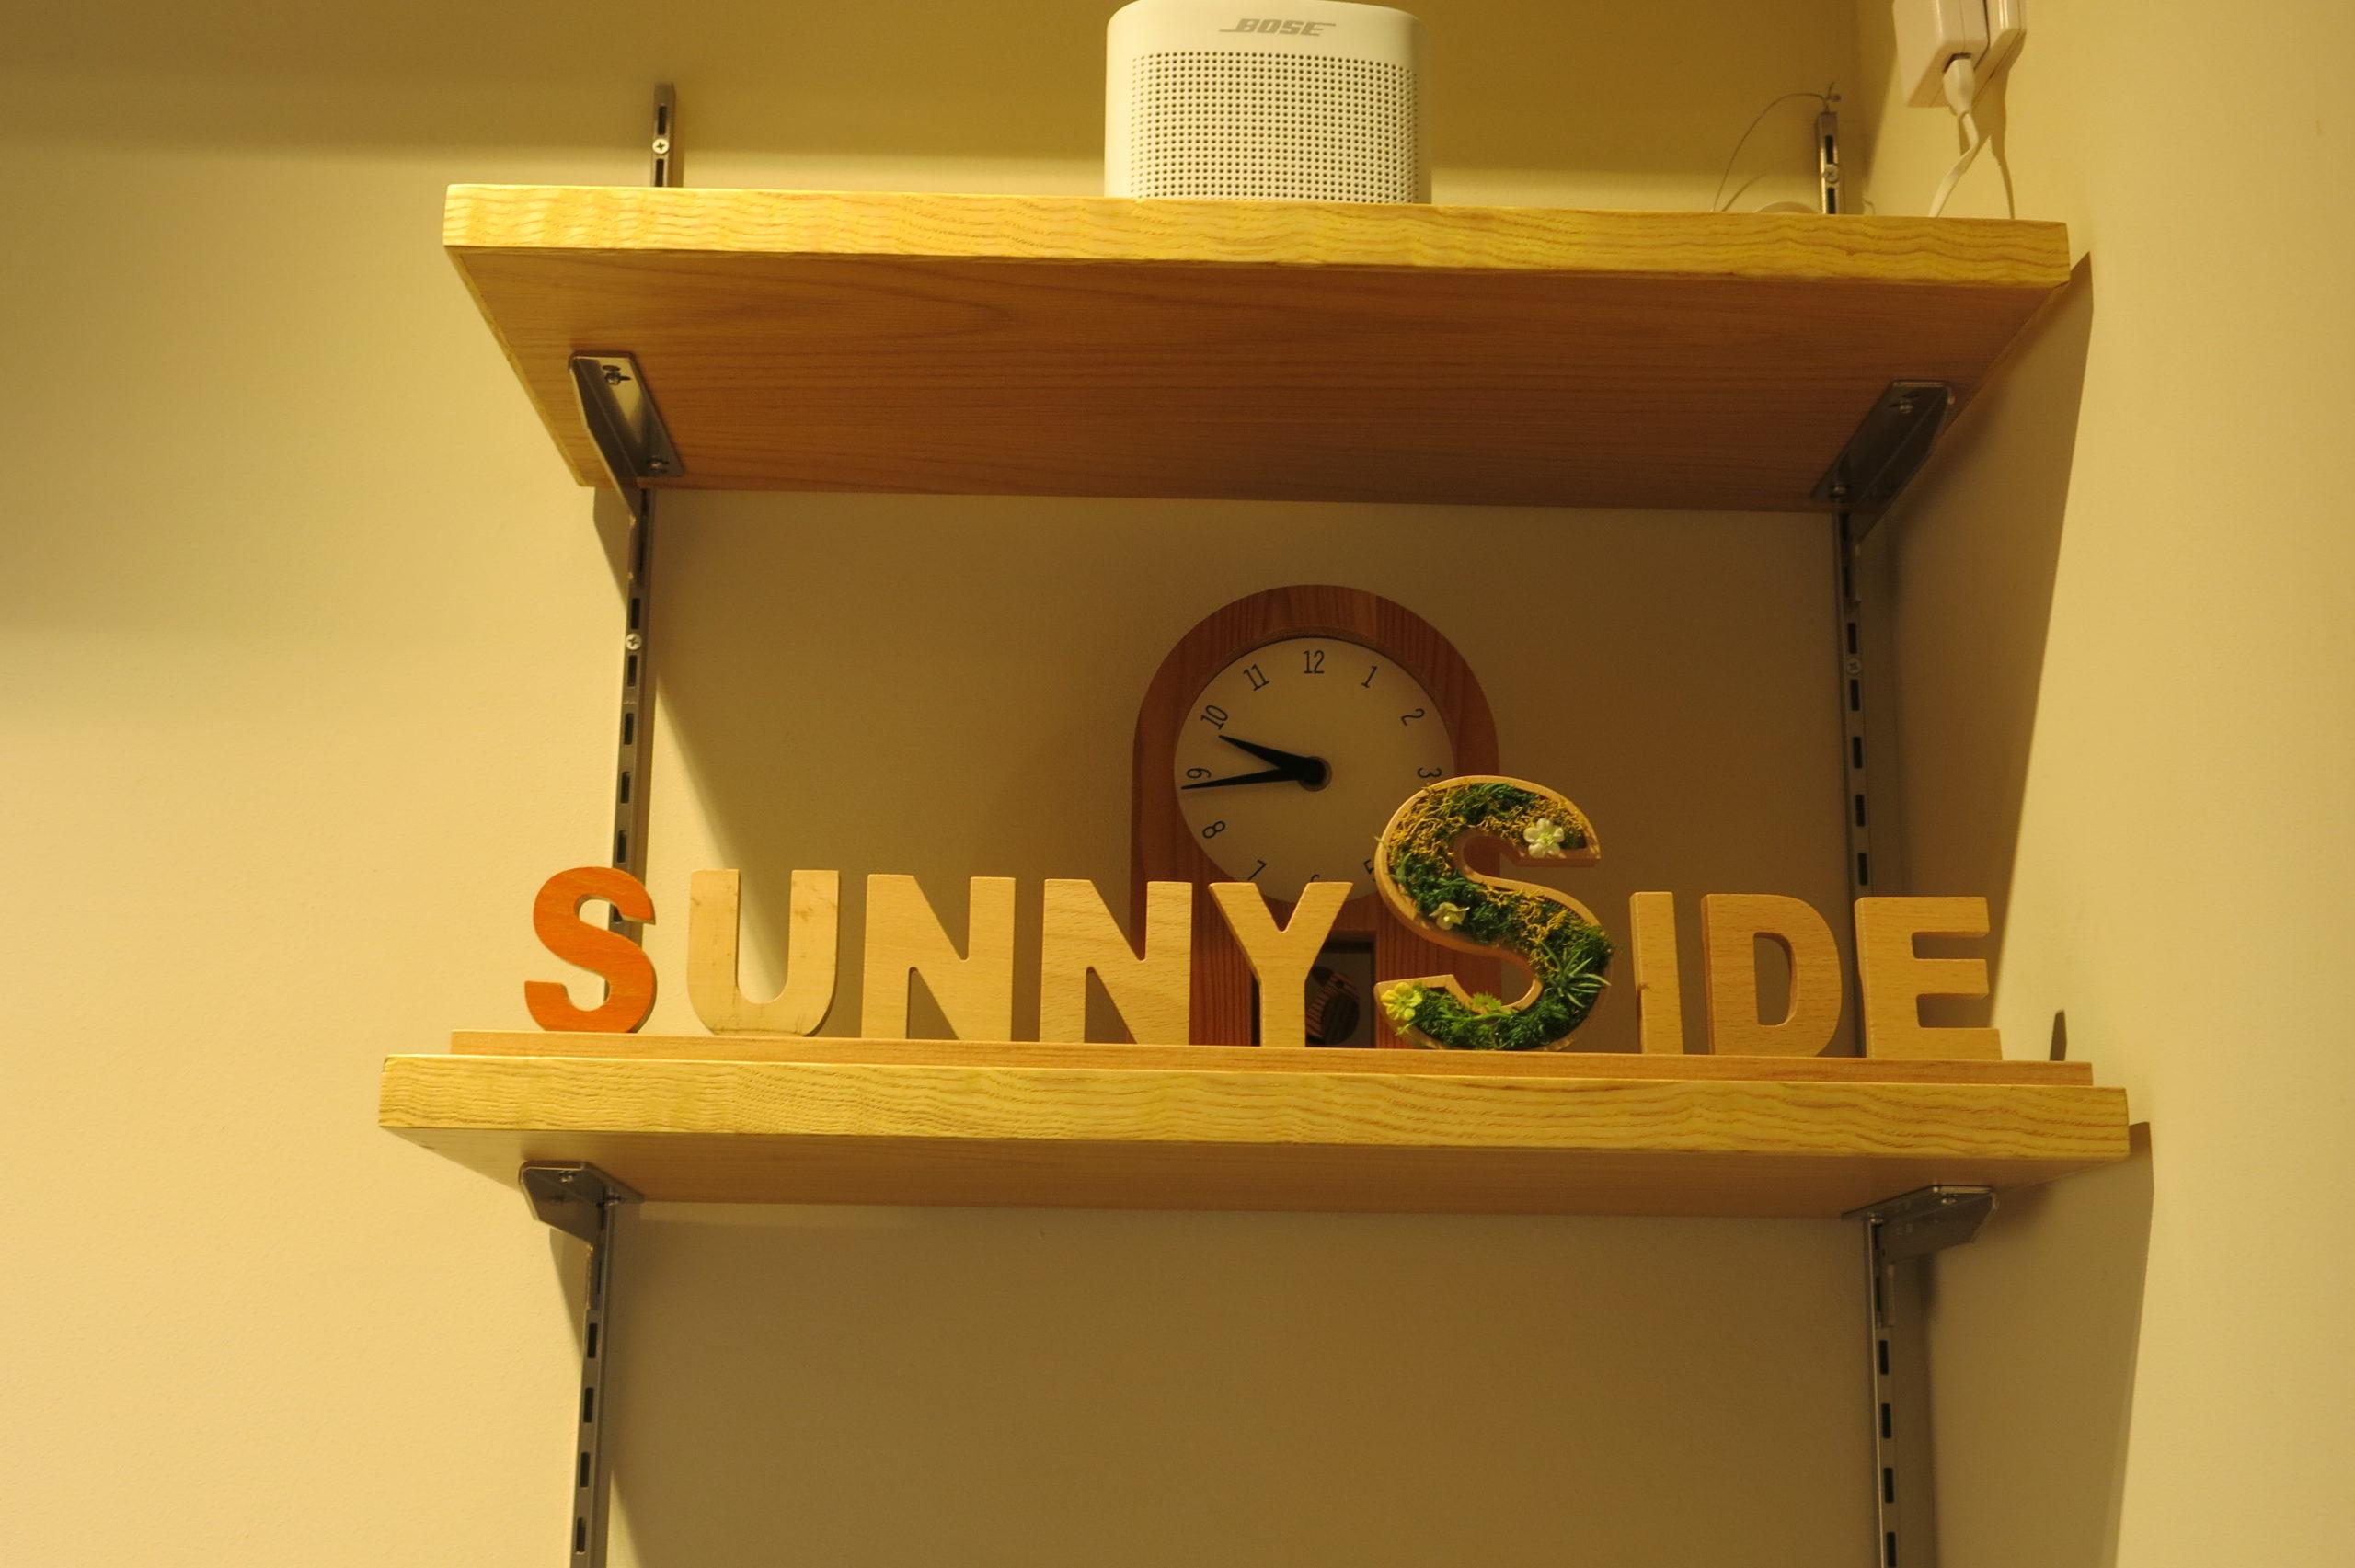 パンの価値 6  sunny side BAKERY 有料